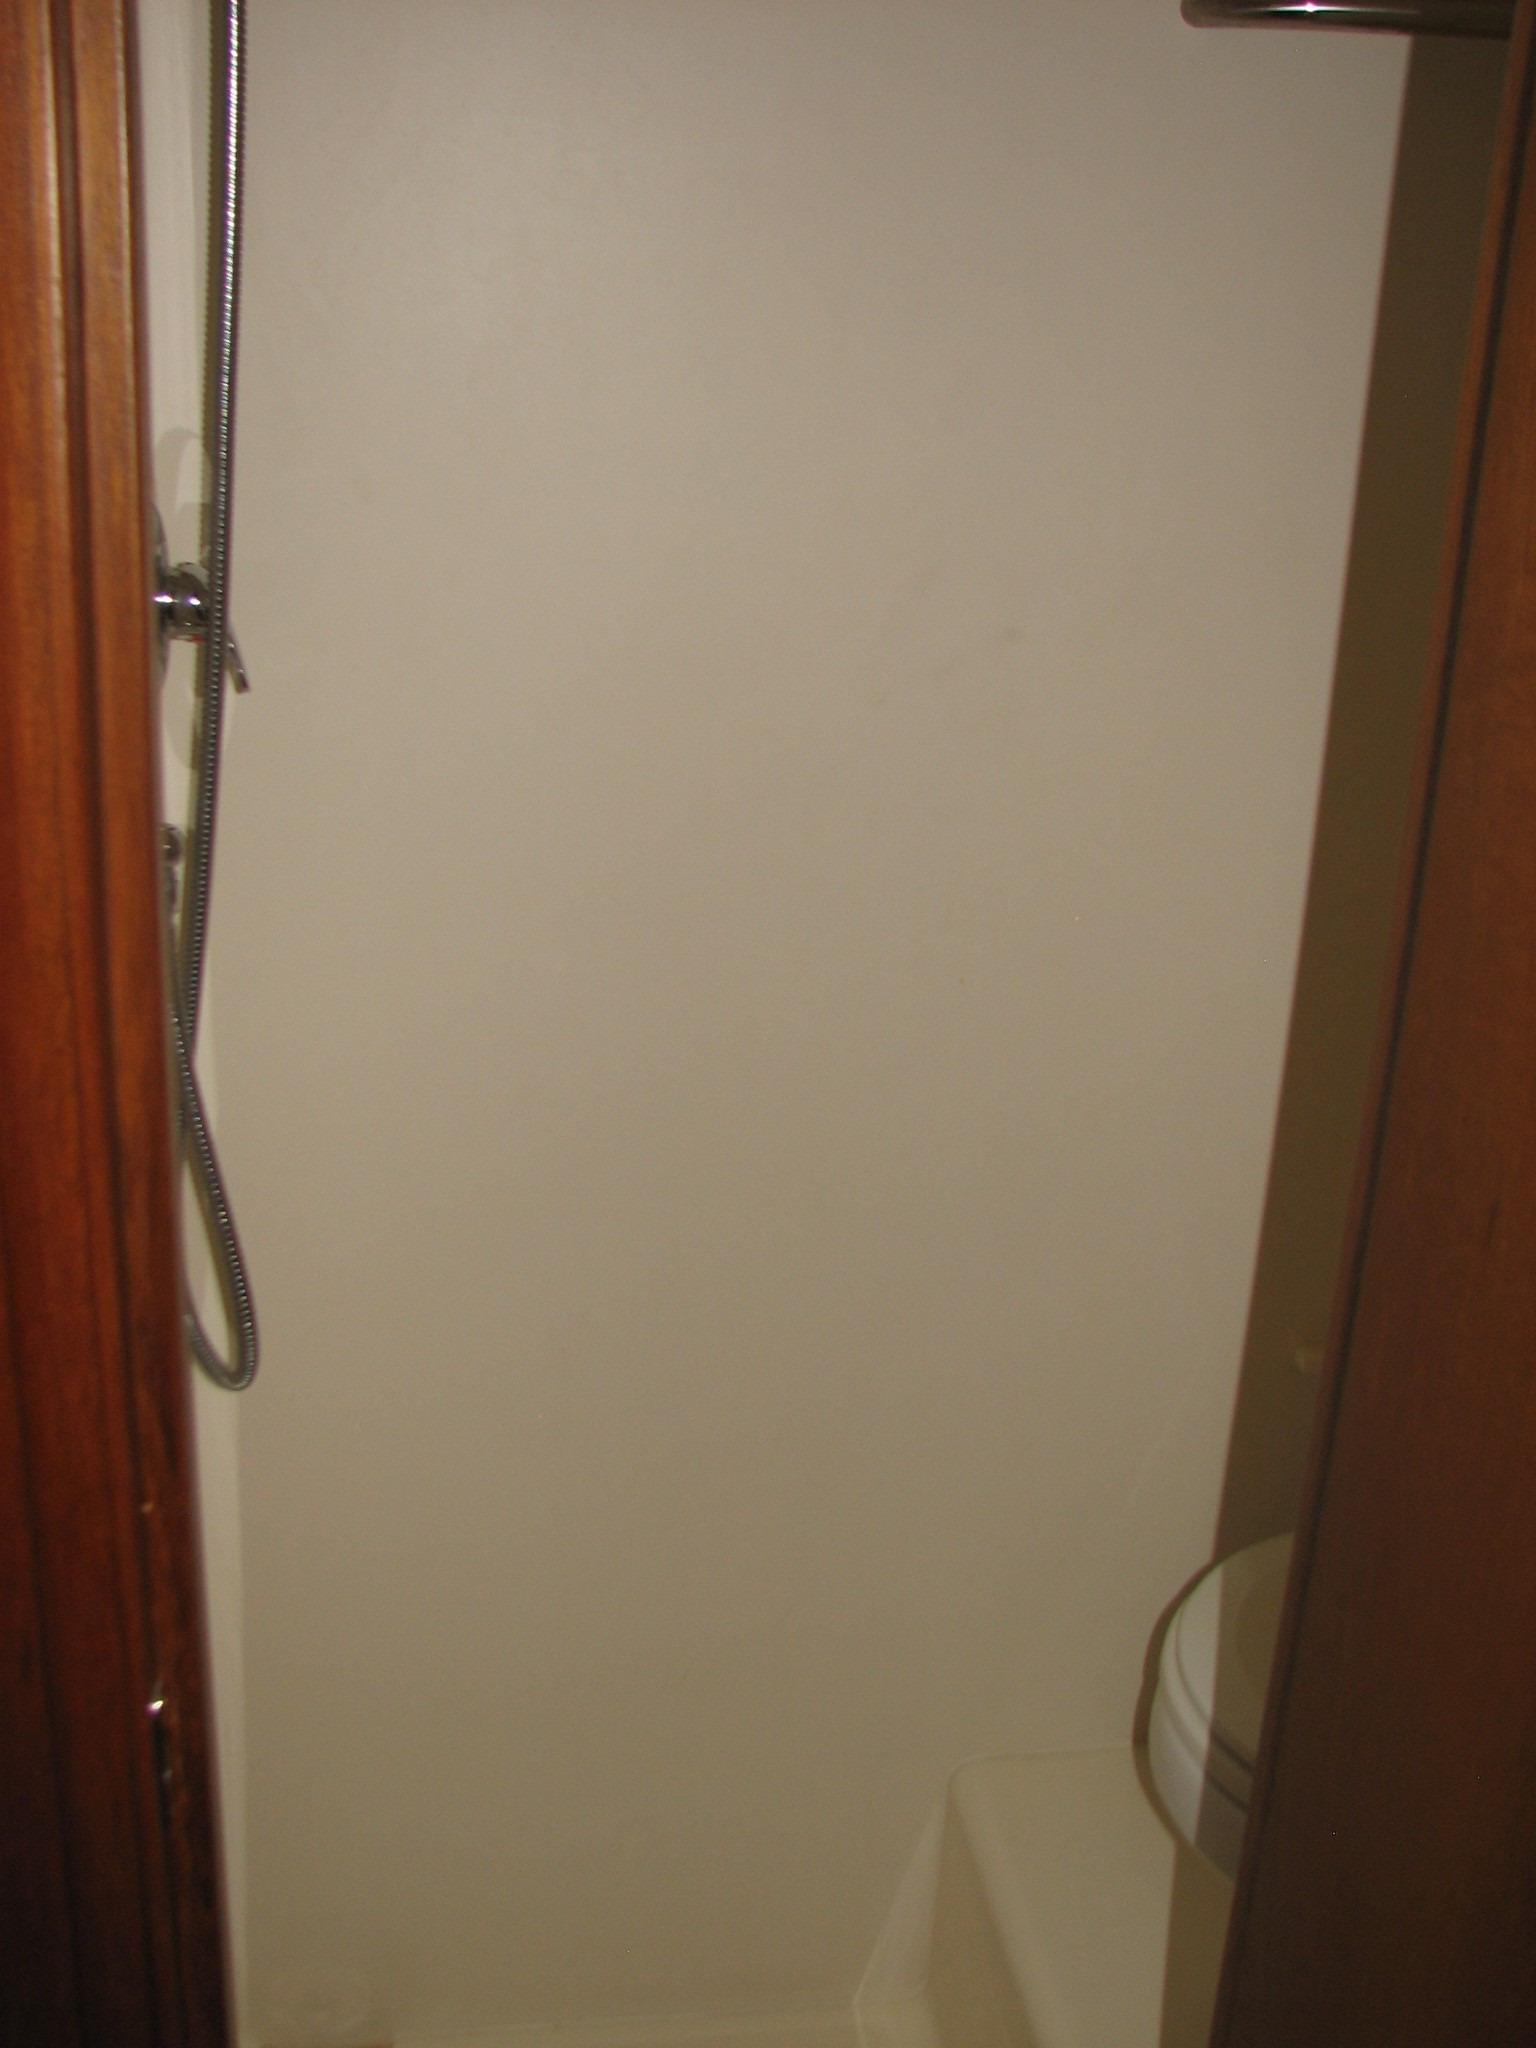 Aft Stateroom Shower